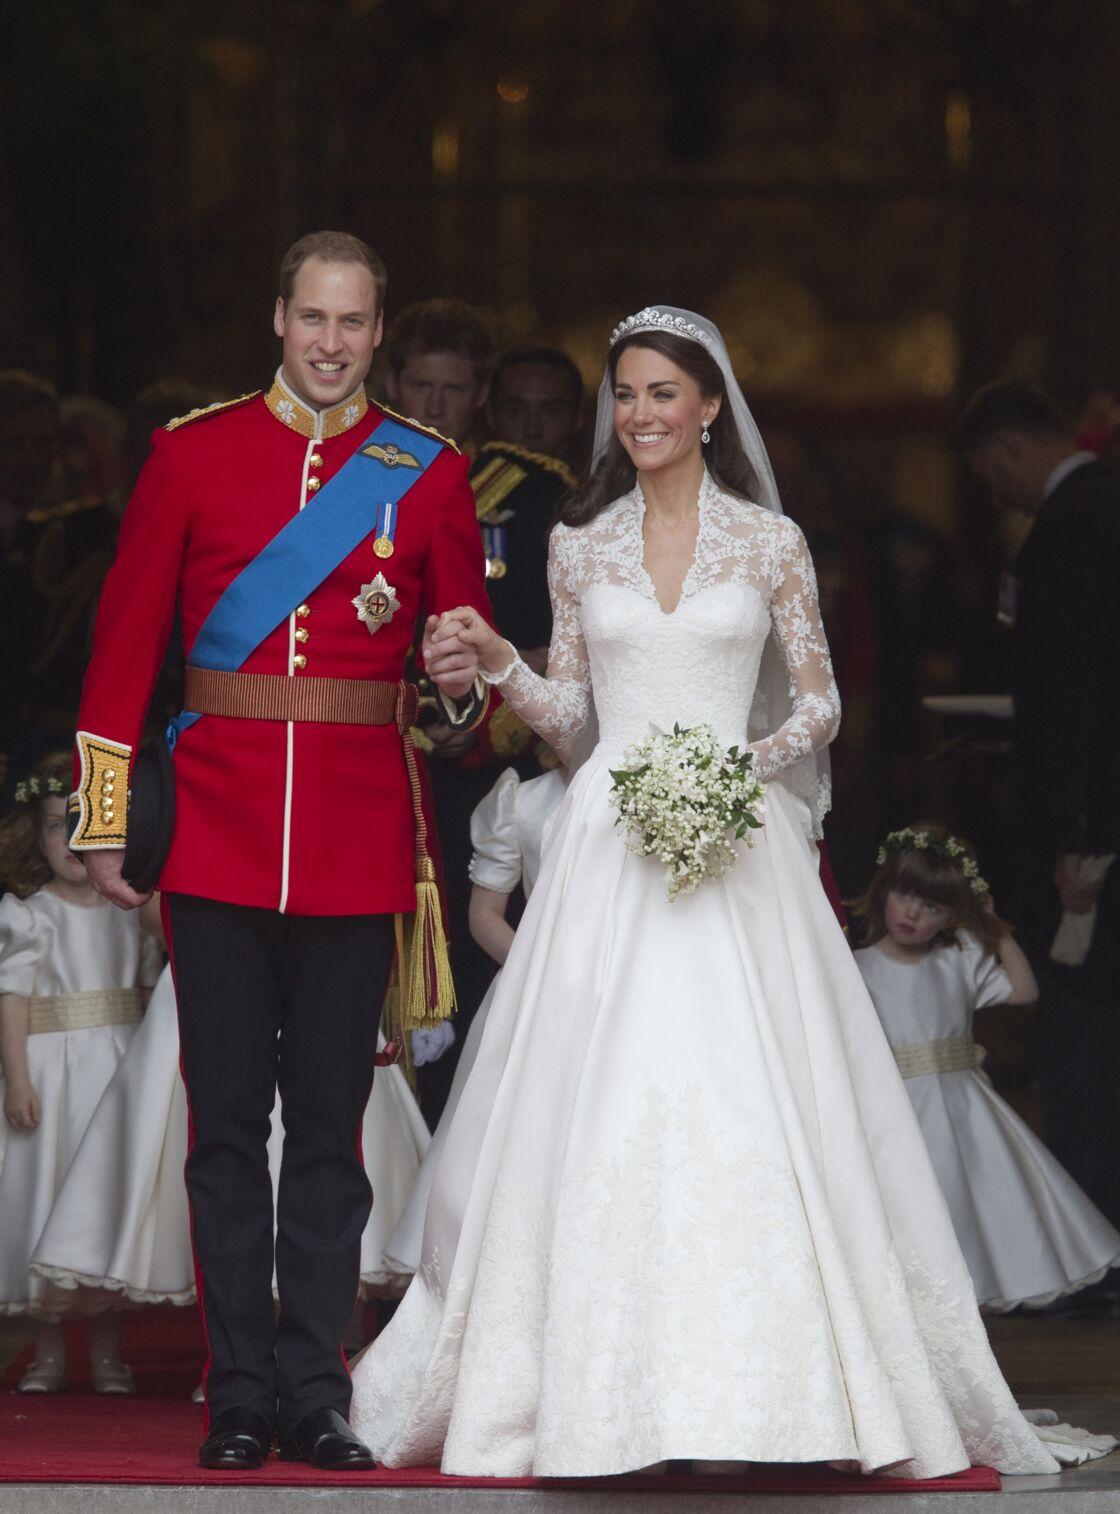 Kate Middleton radieuse dans sa robe de mariée à 332 000$ offerte par ses parents